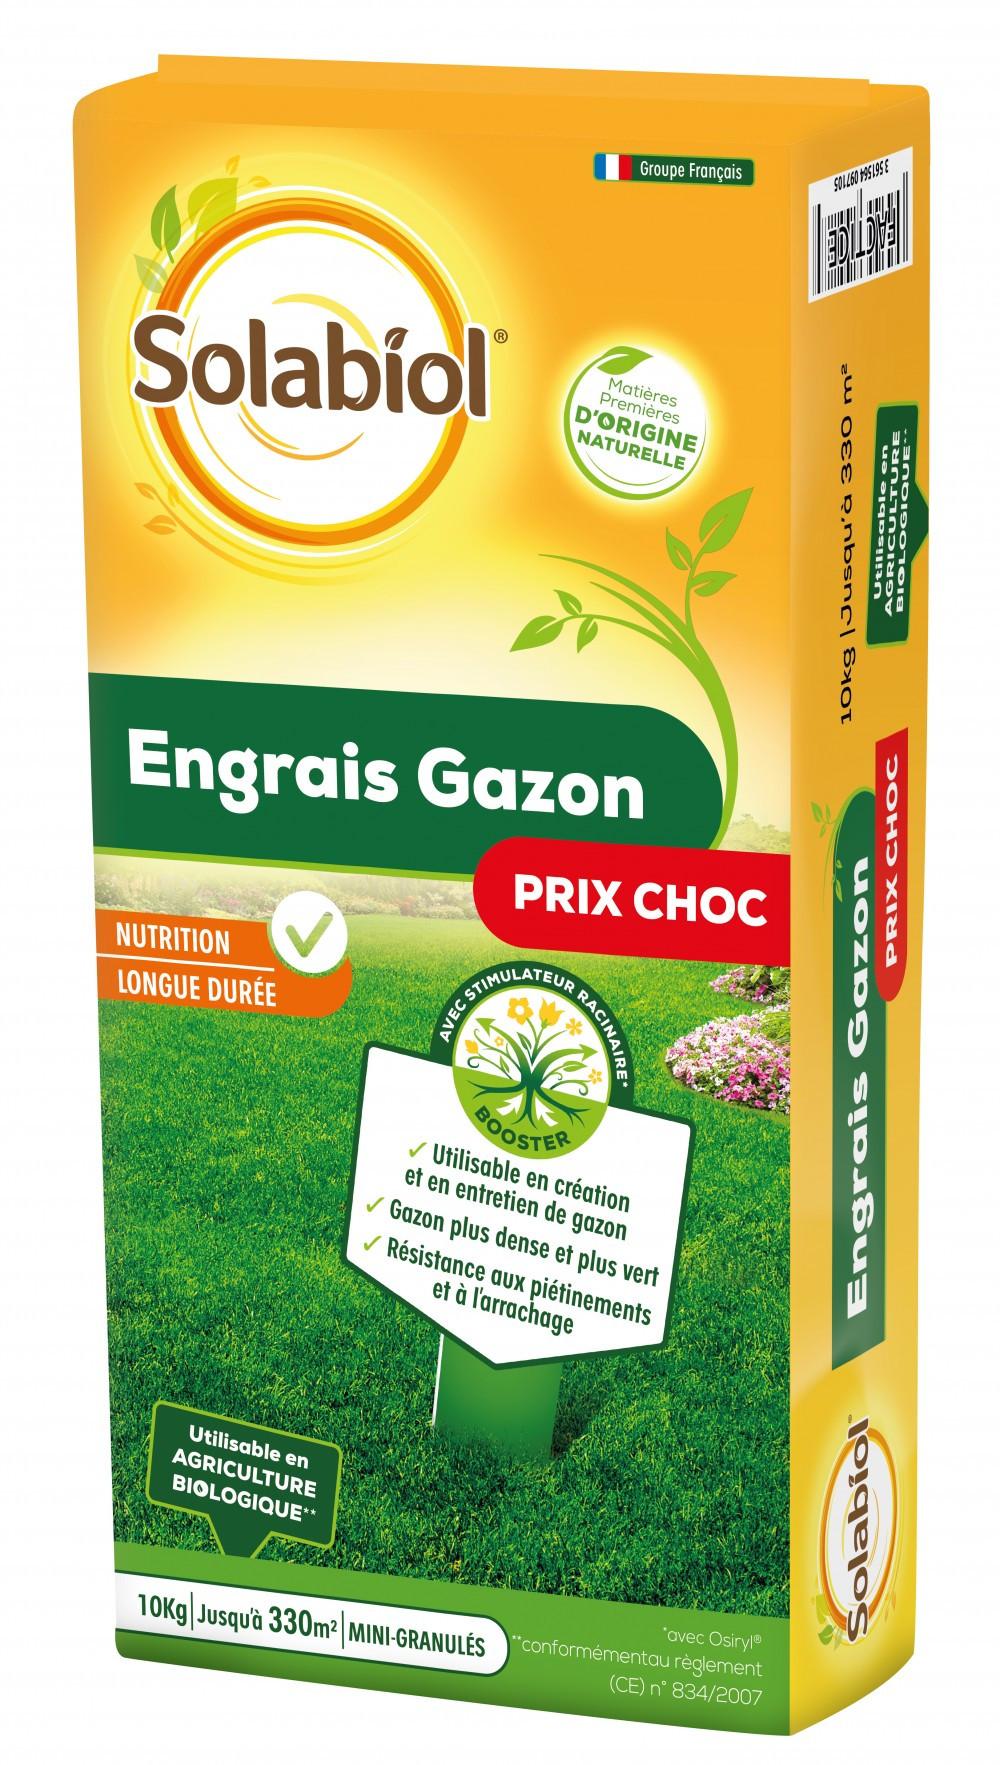 Engrais naturel gazon SOLABIOL 10kg 330 m²